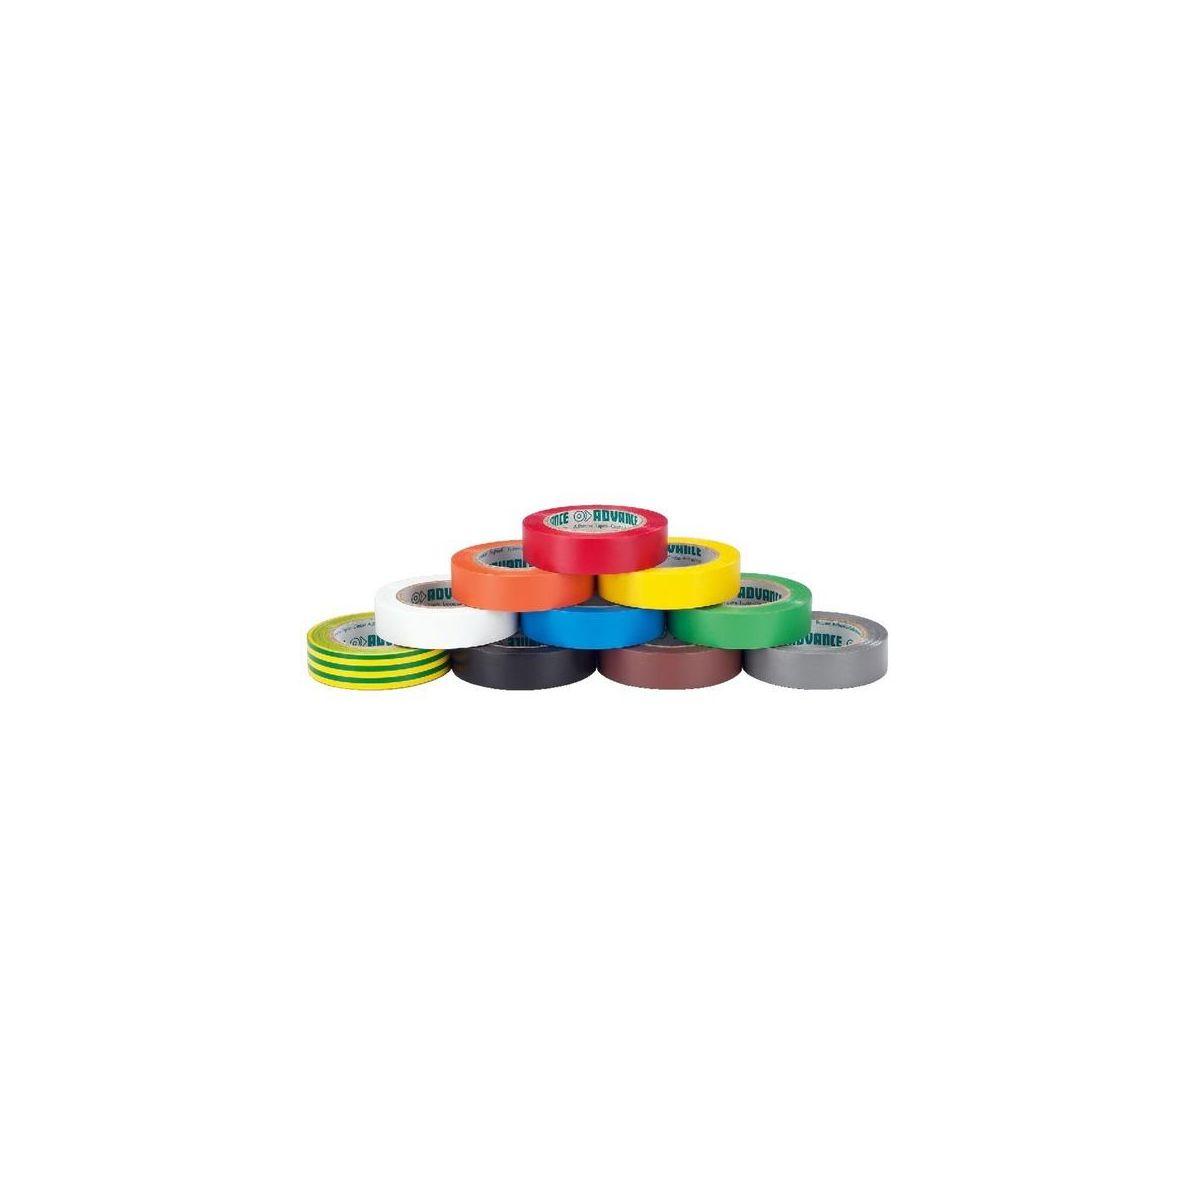 Nastro isolante PVC Adavance colorato 15 mm 10 pezzi